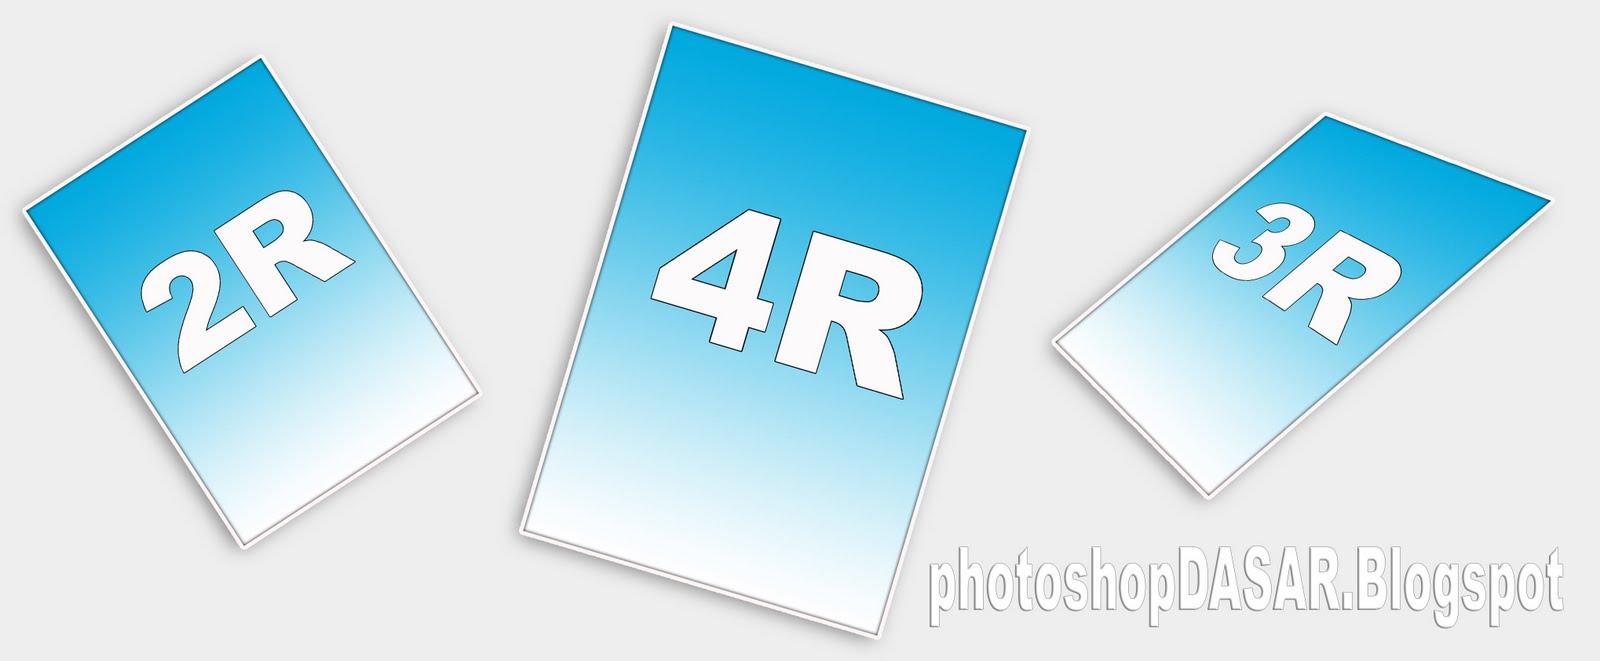 Ukuran foto 8r berapa cm 7